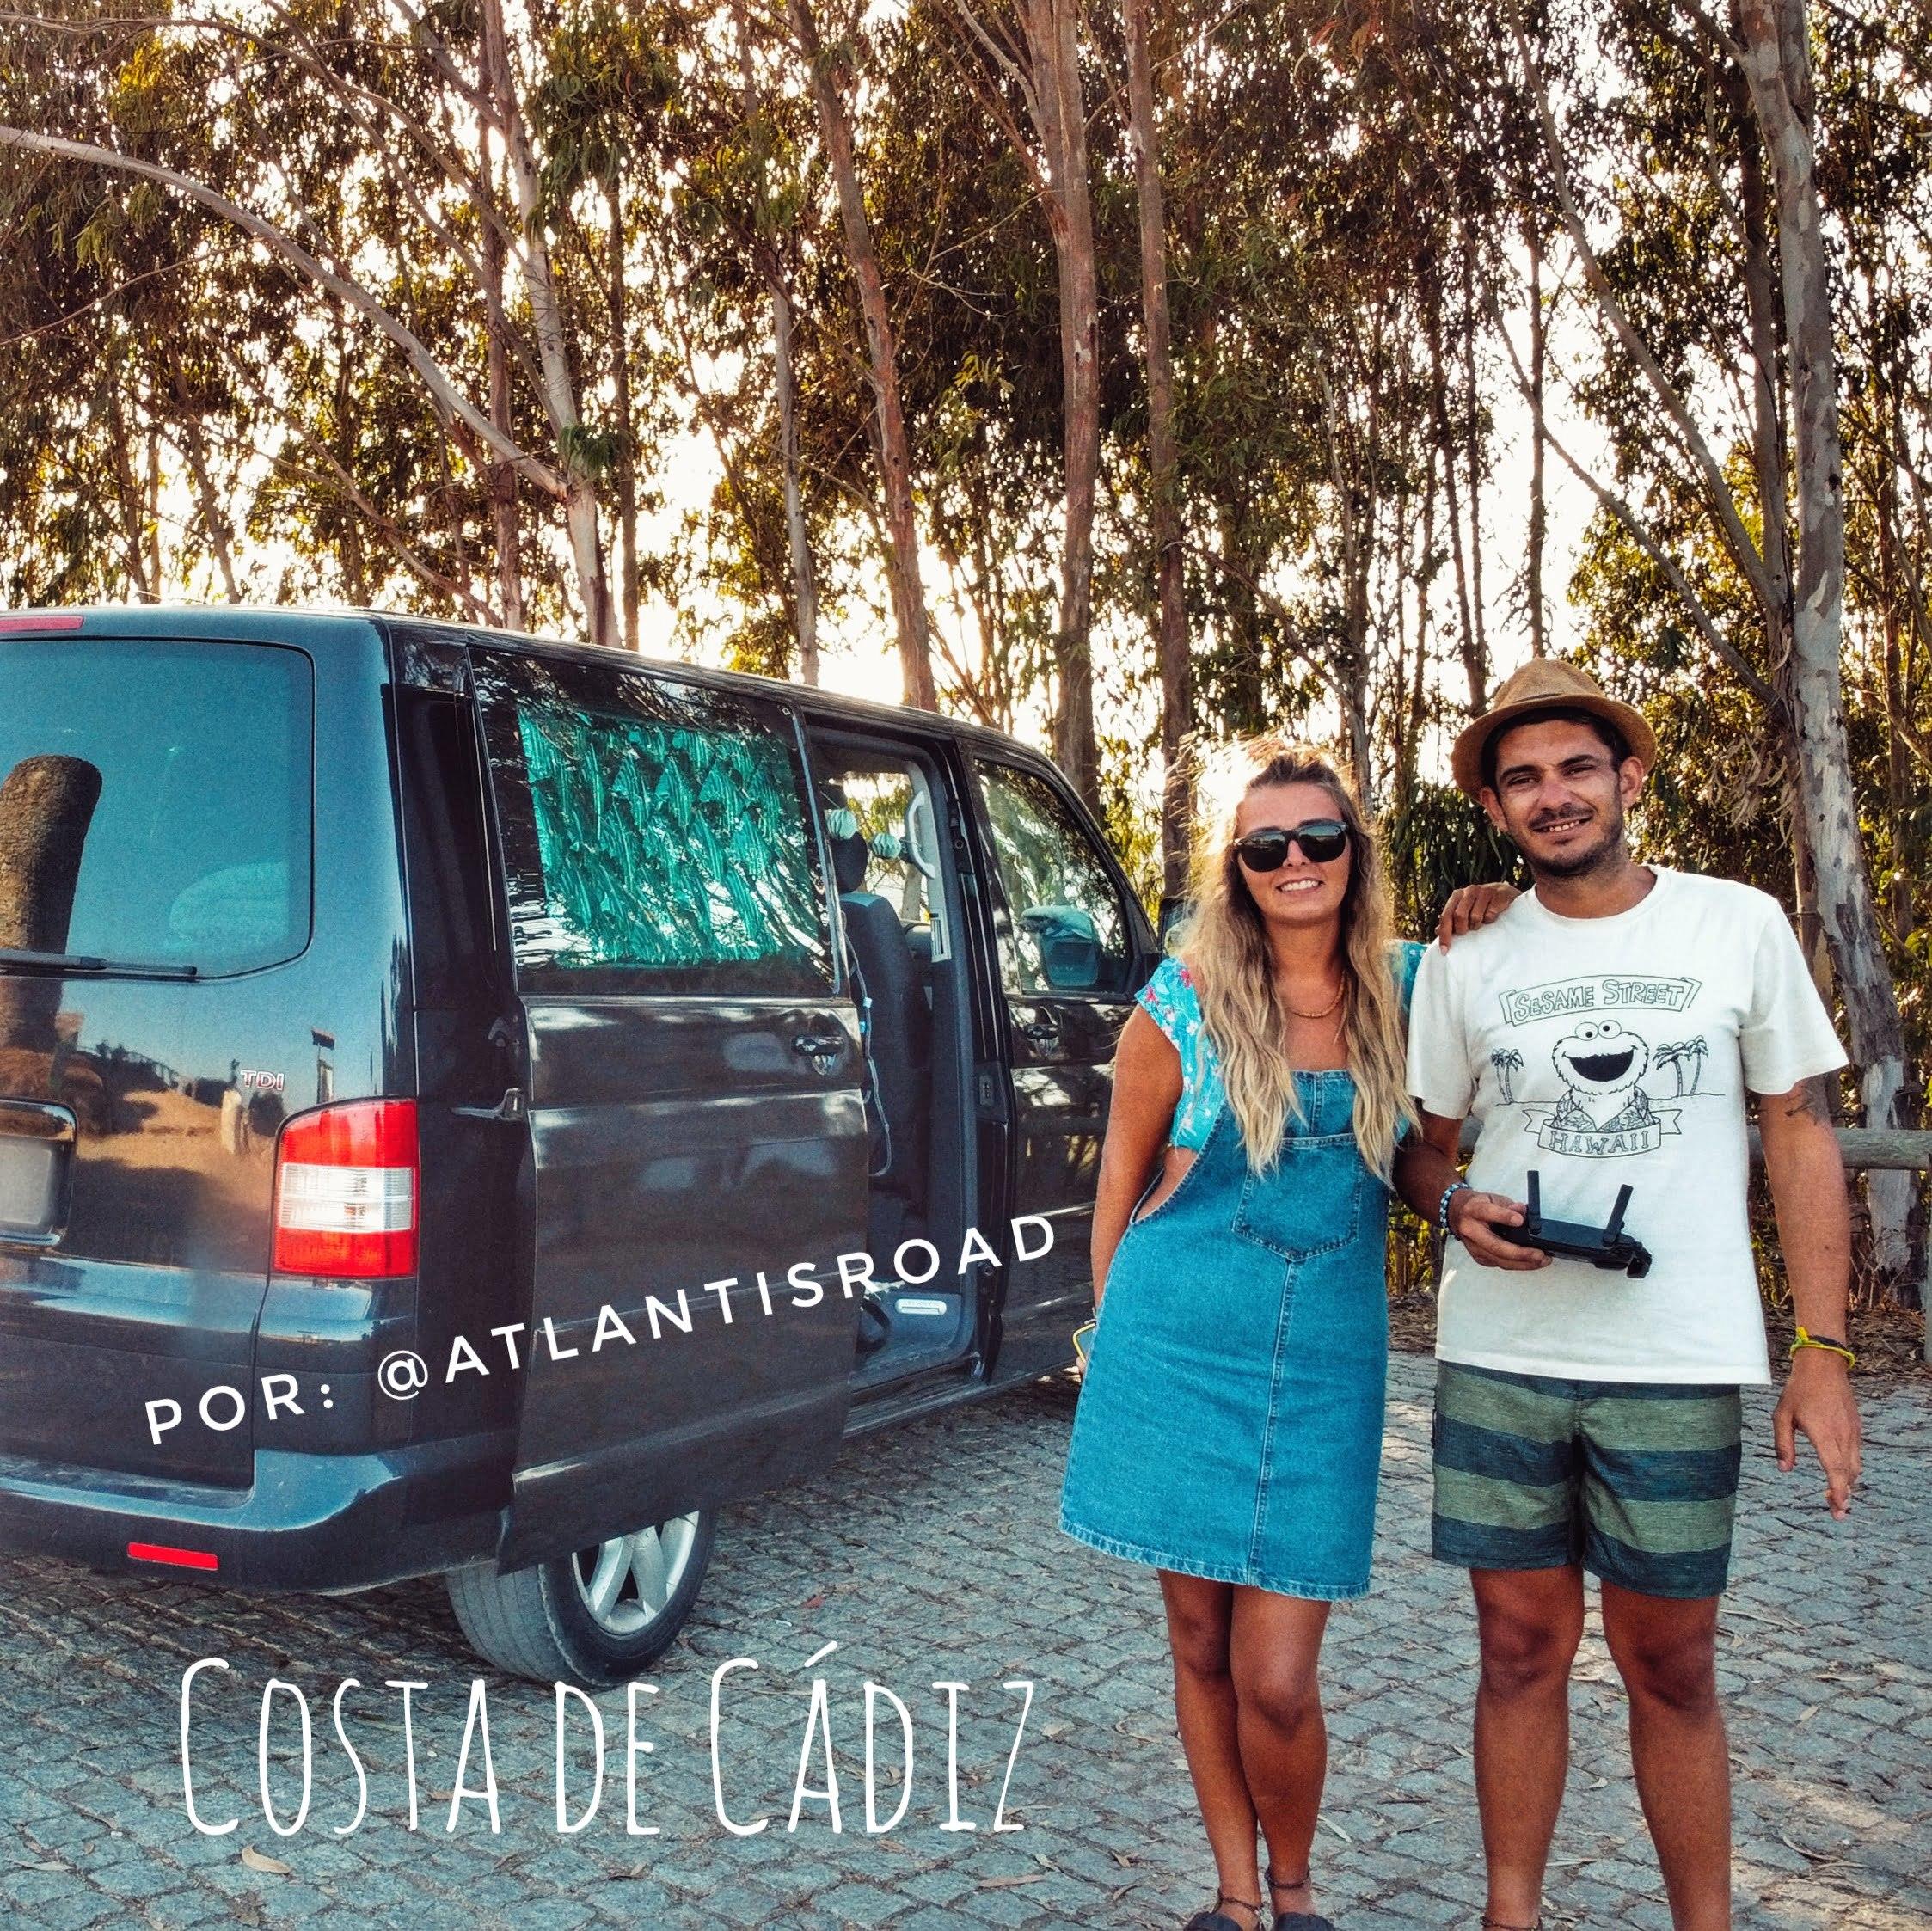 Ruta por la costa de Cádiz en camper por @atlantisroad